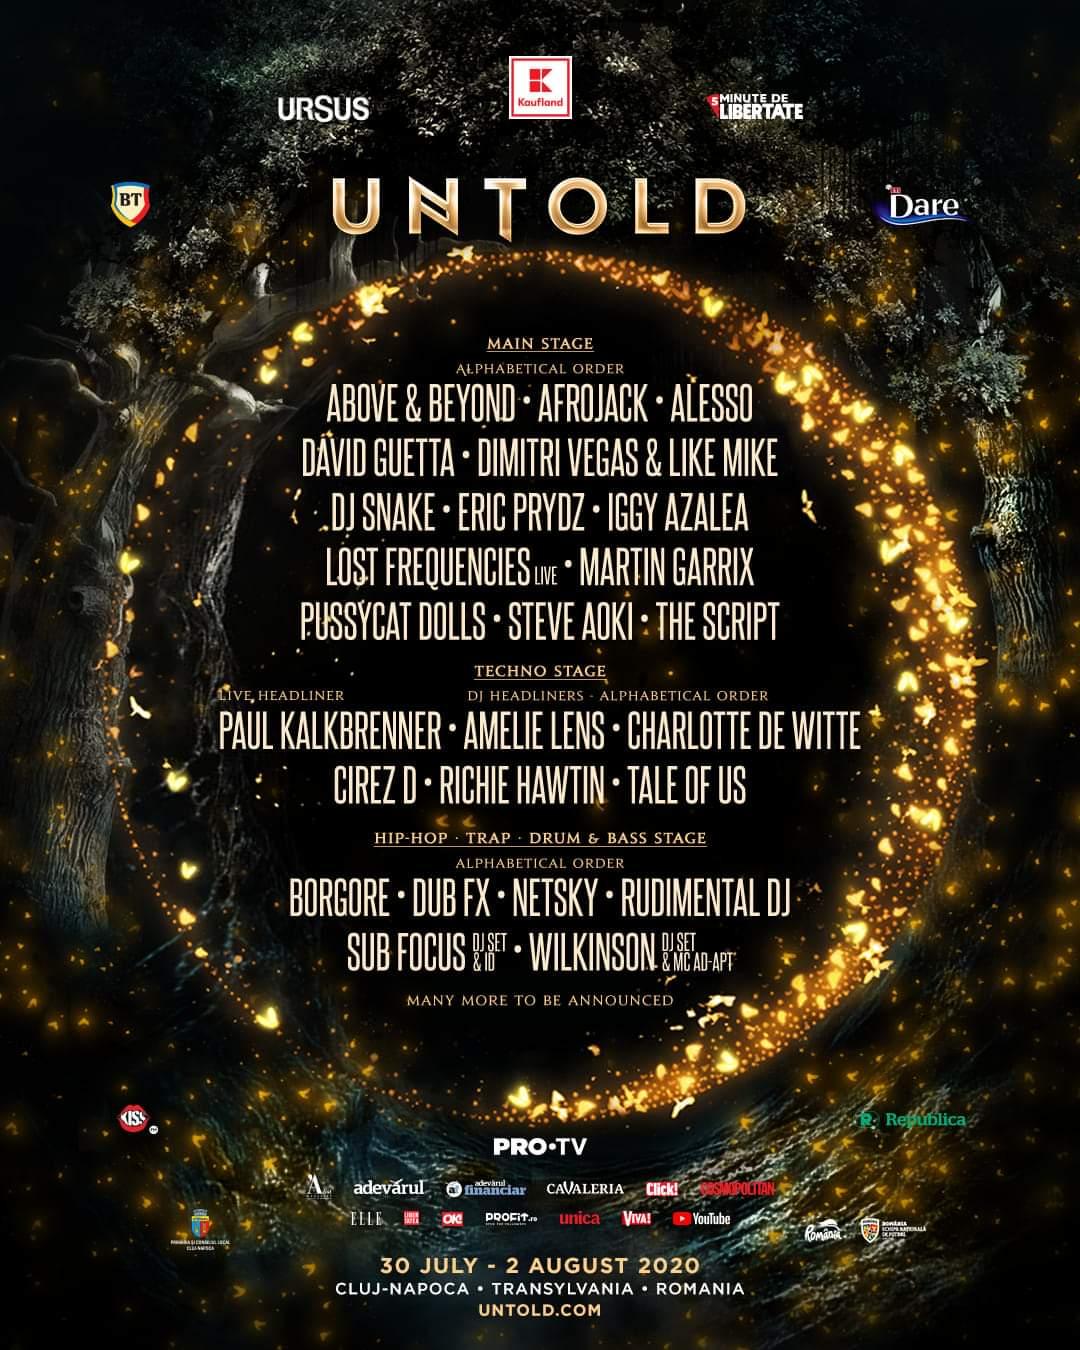 Primii artiști anunțați pentru ediția a 6-a a UNTOLD. The Pussycat Dolls, Iggy Azalea, Eric Prydz, Amelie Lens și Charlotte de White, în premieră în România, la Cluj